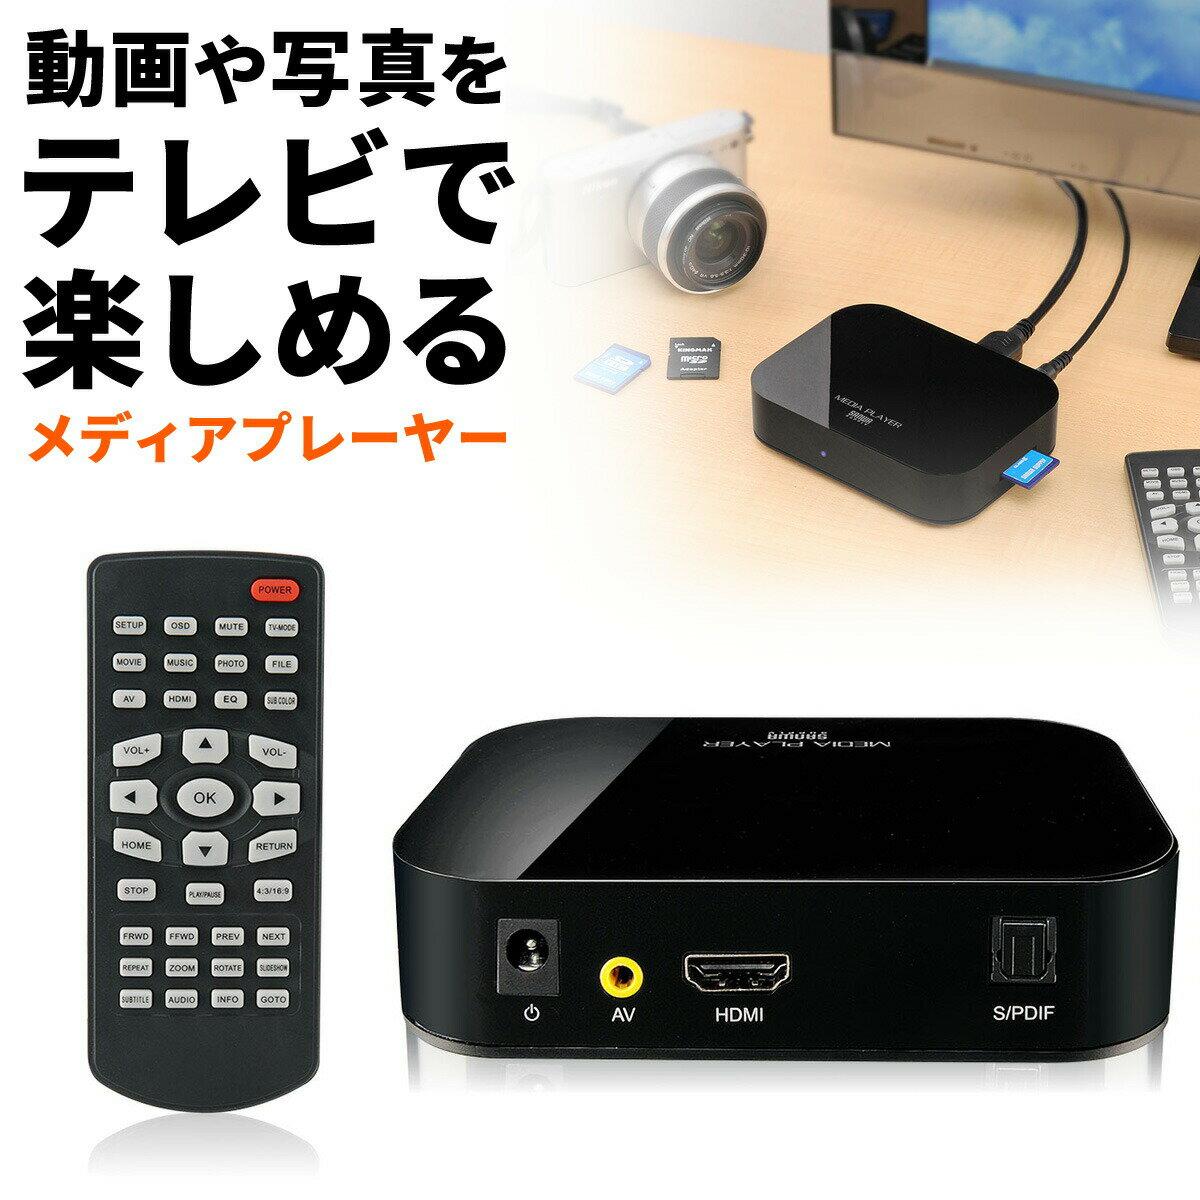 メディアプレーヤー HDMI接続 SDカード・USBメモリ対応 写真や動画をテレビで再生 コンパクトメディアプレイヤー 小型[400-MEDI001]【サンワダイレクト限定品】【送料無料】